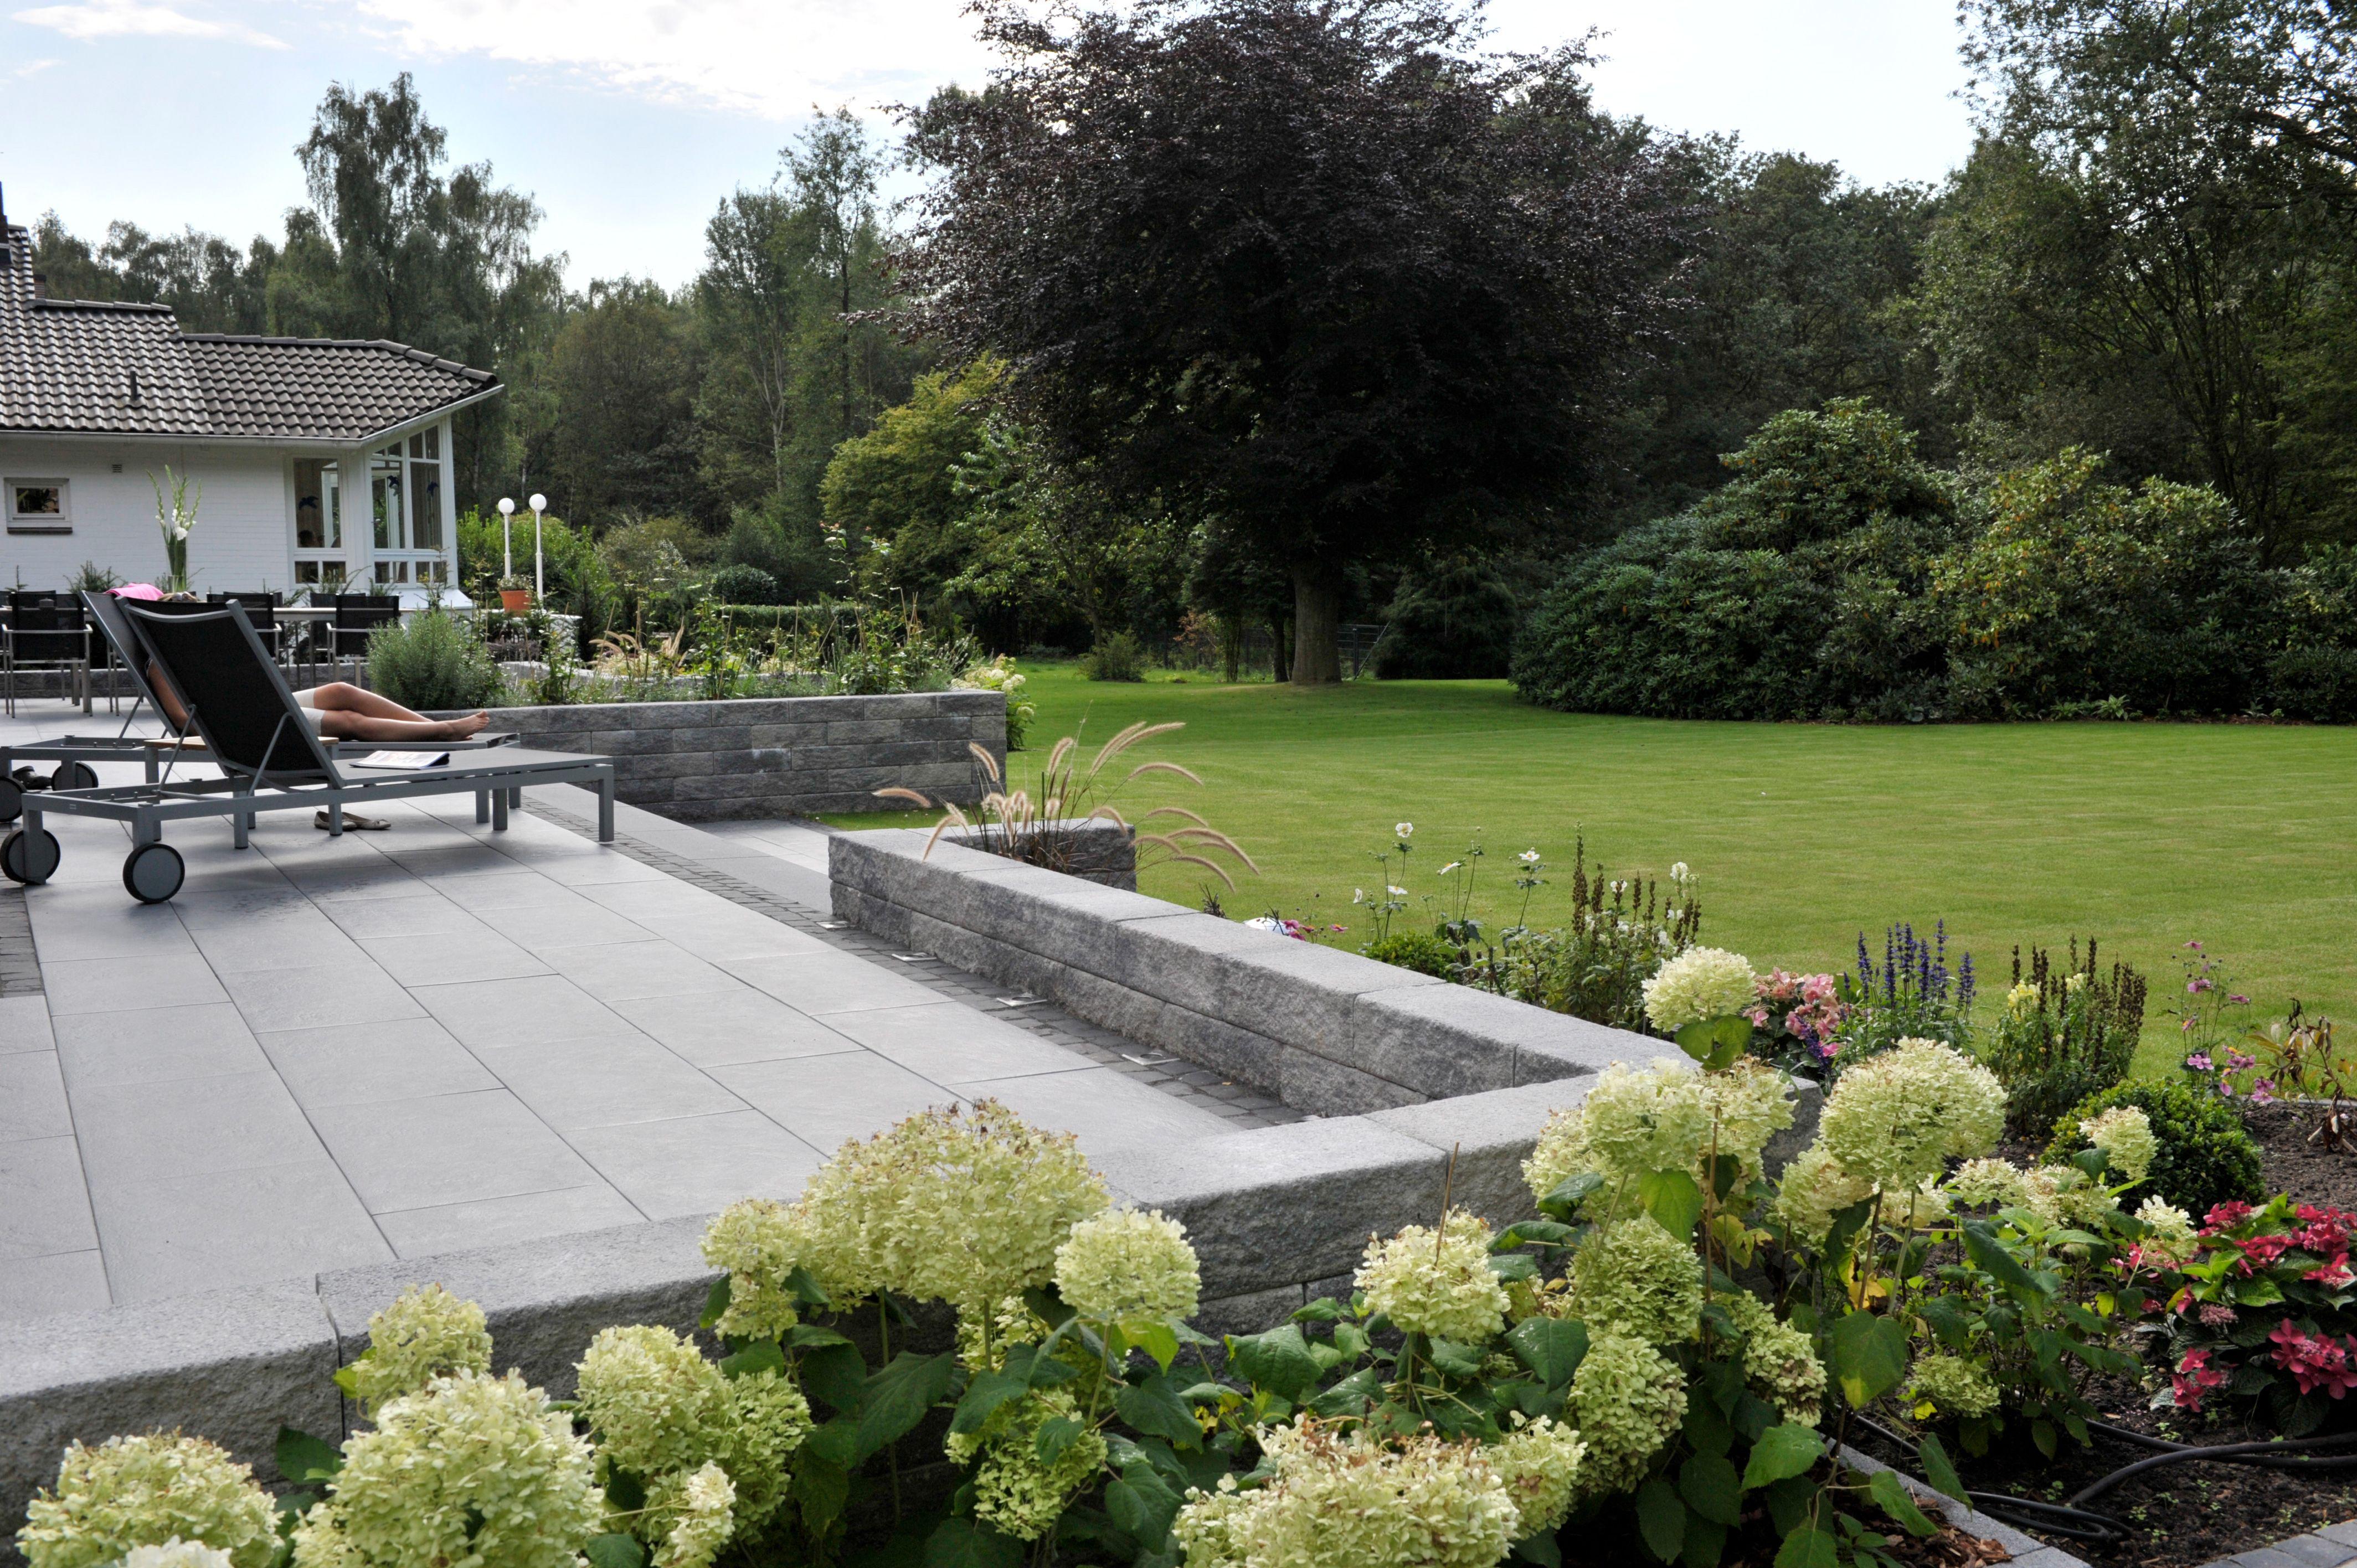 Jetzt Planen, im Frühjahr genießen   Garten design, Vorgarten, Garten